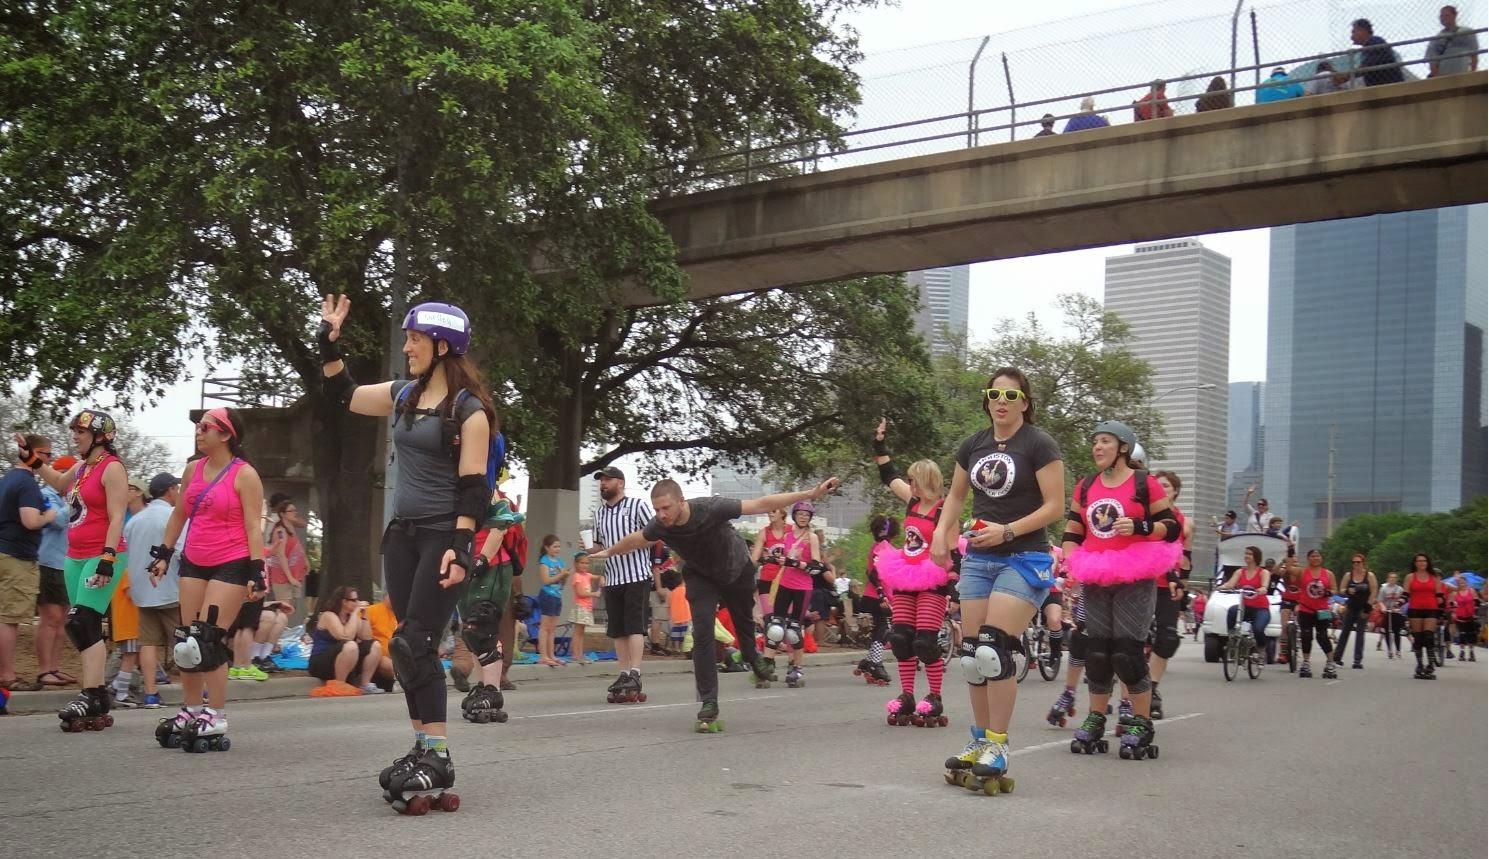 Roller skating houston - 2015 Houston Art Car Parade